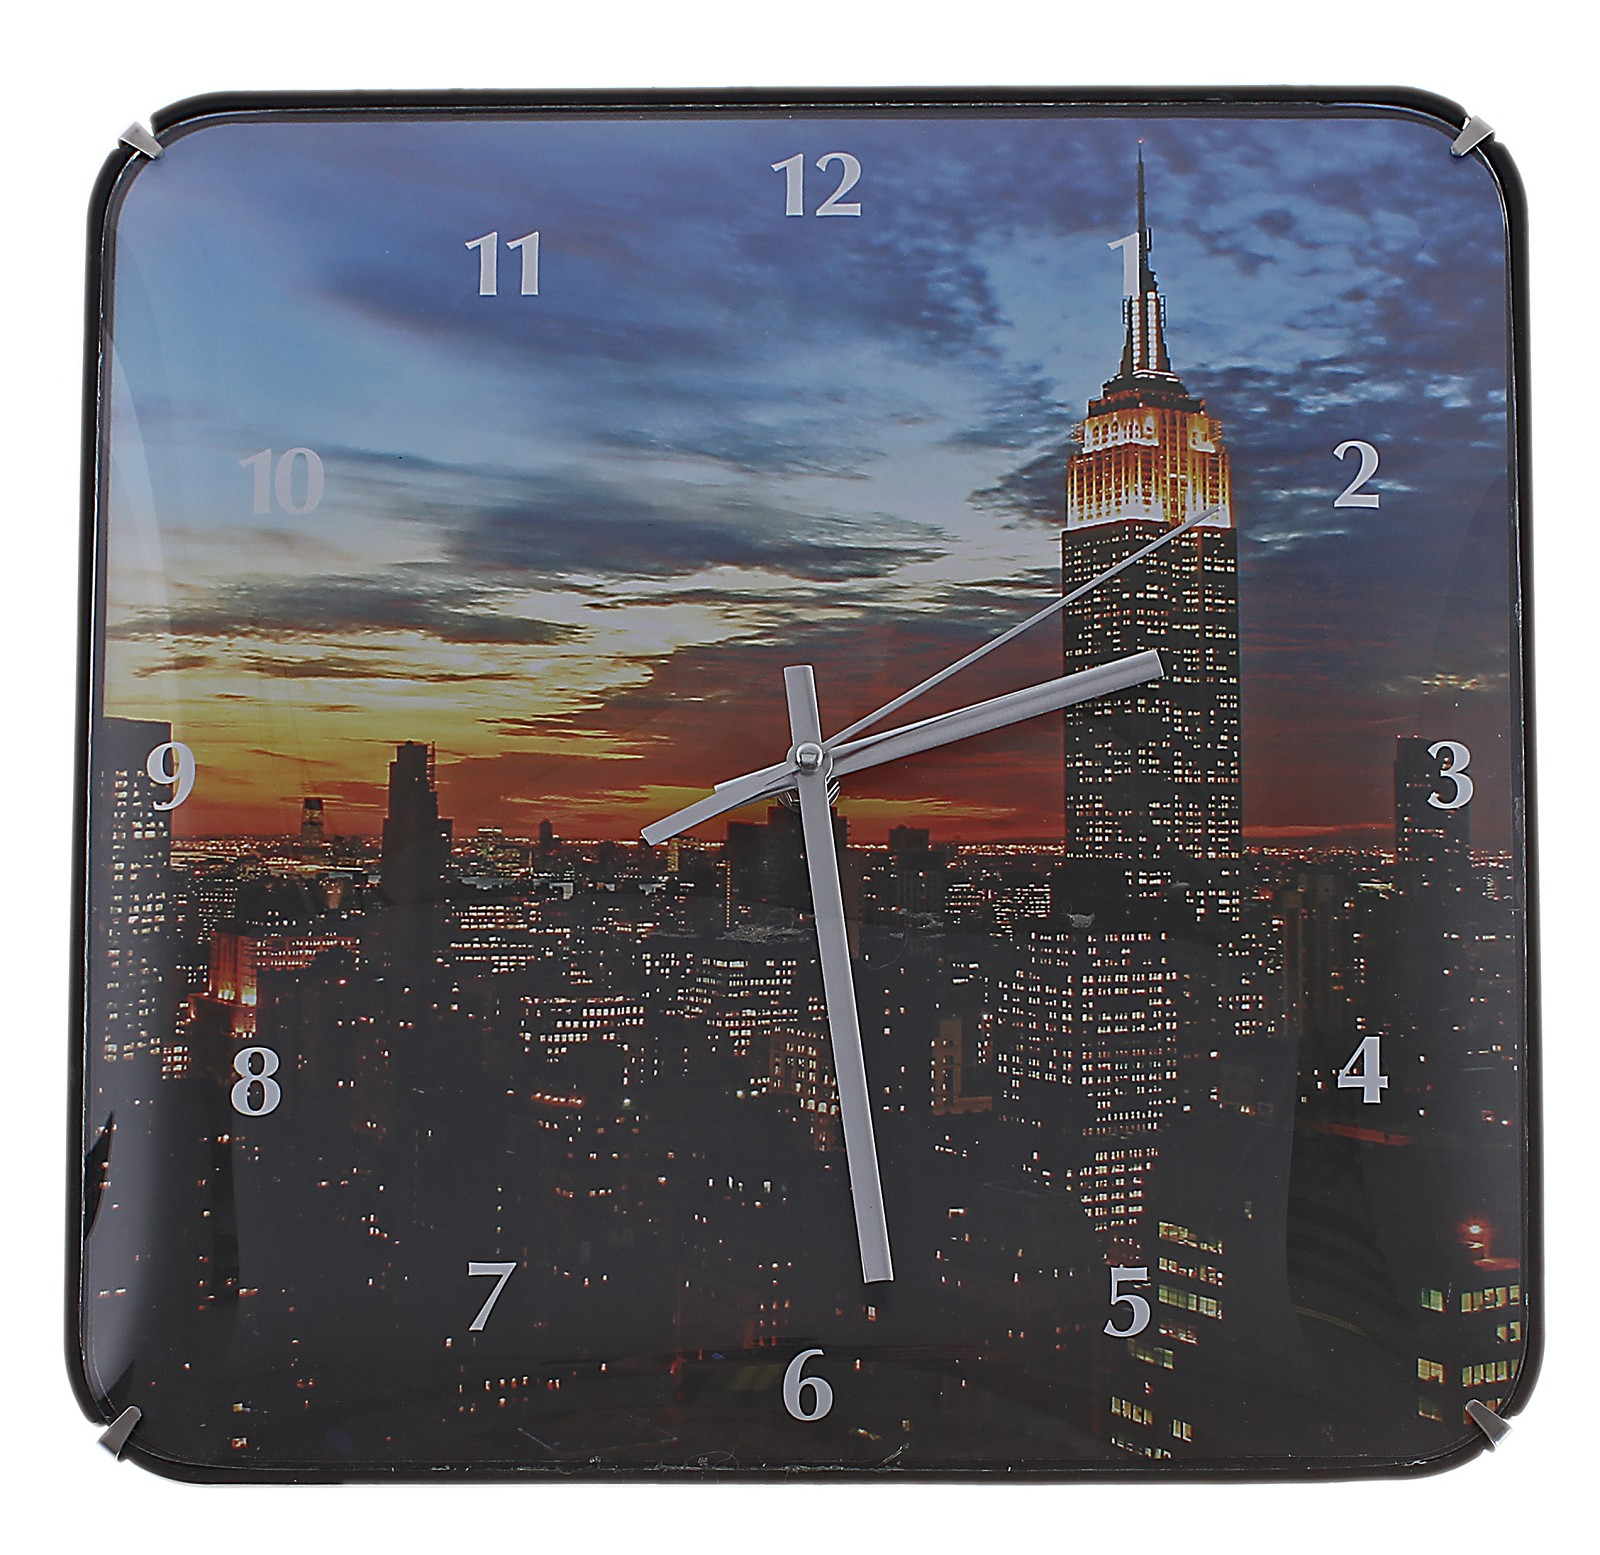 Часы настенные Ночной сити, цвет: мульти. 58919594672Оригинальные настенные часы Ночной сити квадратной формы выполнены из пластика и оформлены изображением ночного города. Часы имеют три стрелки - часовую, минутную и секундную. Циферблат часов защищен пластиком. Необычное дизайнерское решение и качество исполнения придутся по вкусу каждому. Оформите совой дом таким интерьерным аксессуаром или преподнесите его в качестве презента друзьям, и они оценят ваш оригинальный вкус и неординарность подарка. Характеристики:Материал: пластик, металл. Размер: 3 см x 30 см x 30 см. Размер упаковки: 31 см х 31 см х 4,5 см. Артикул:589195. Работают от батарейки типа АА (в комплект не входит).